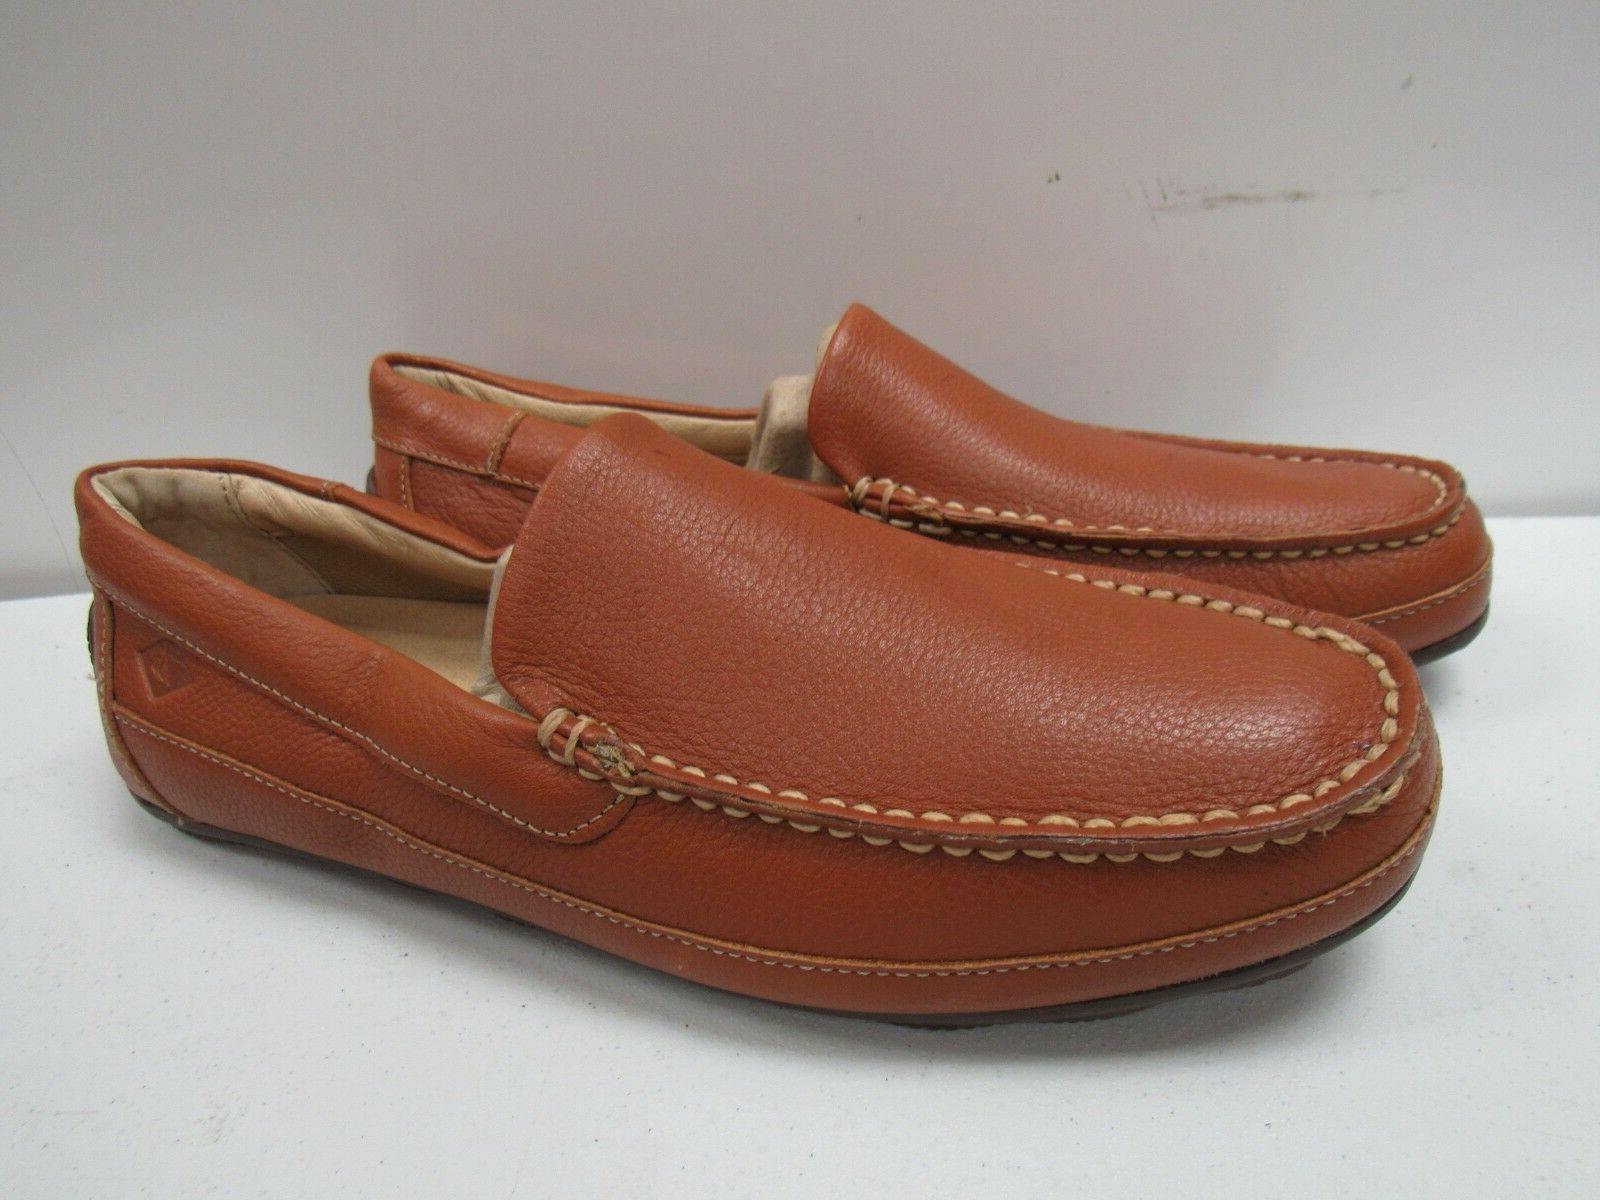 Sperry Venetian Slip-On